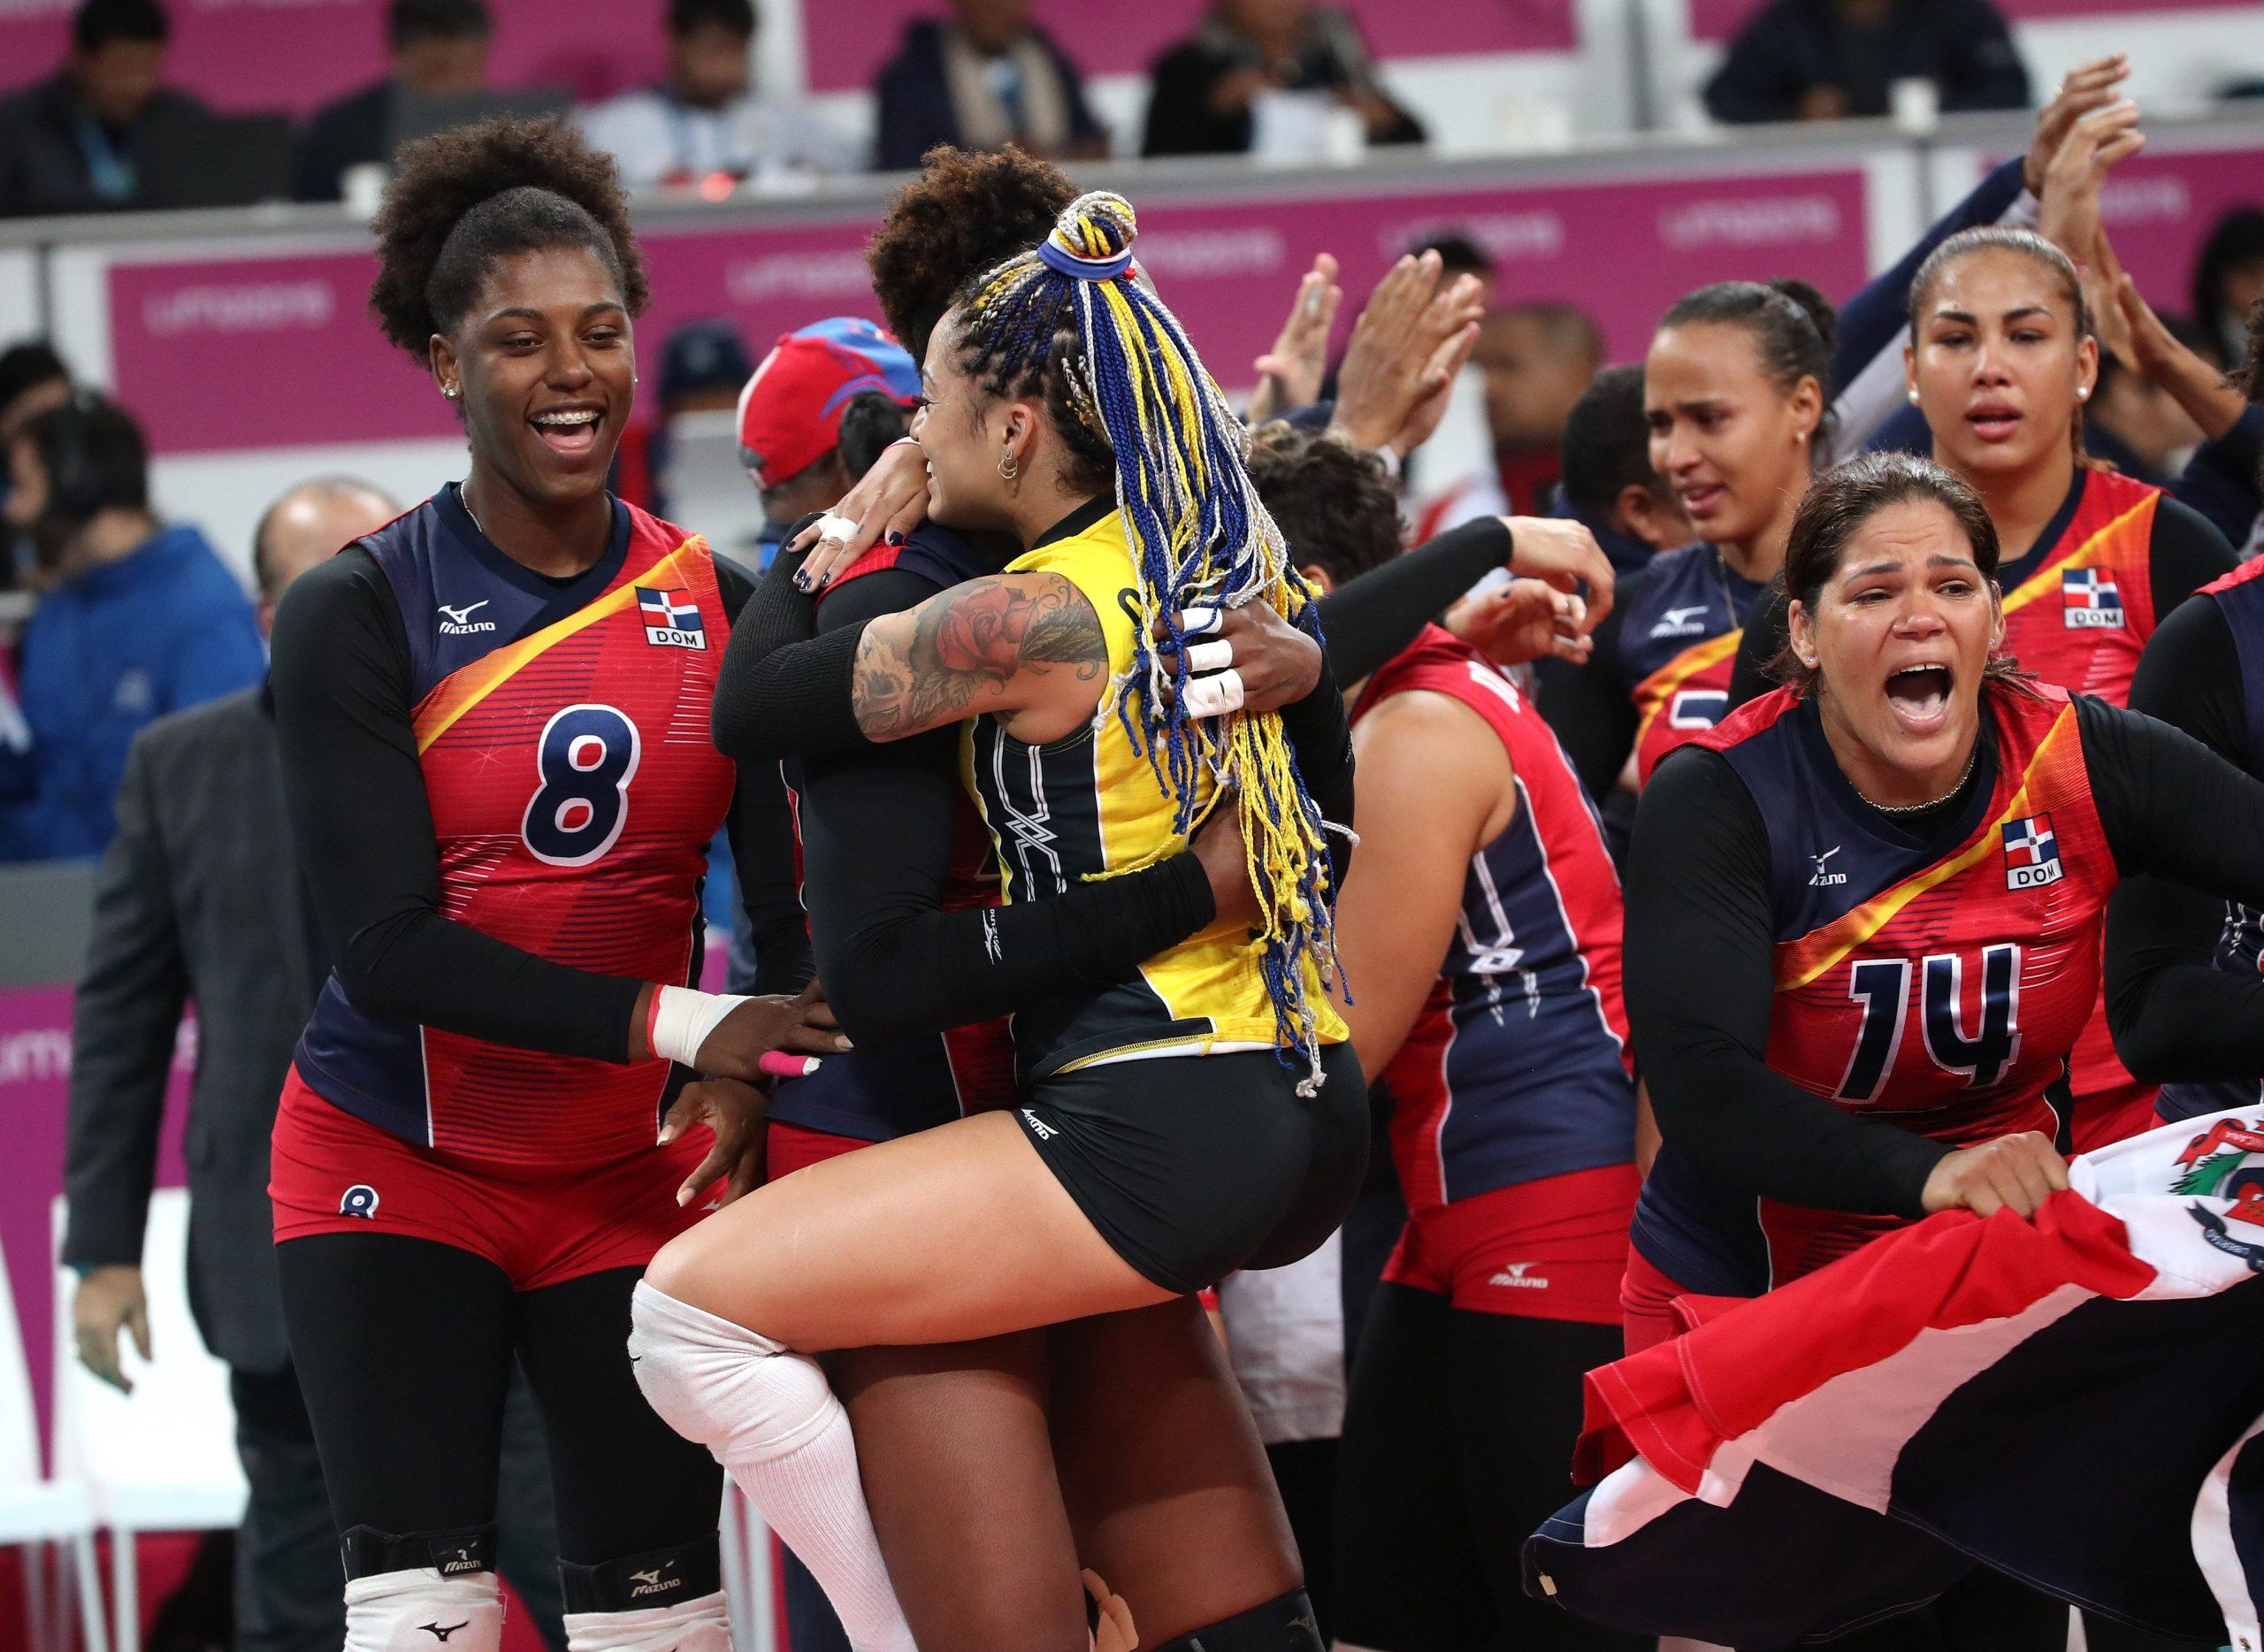 Las Reinas del Caribe, un equipo que eleva el nombre de República Dominicana